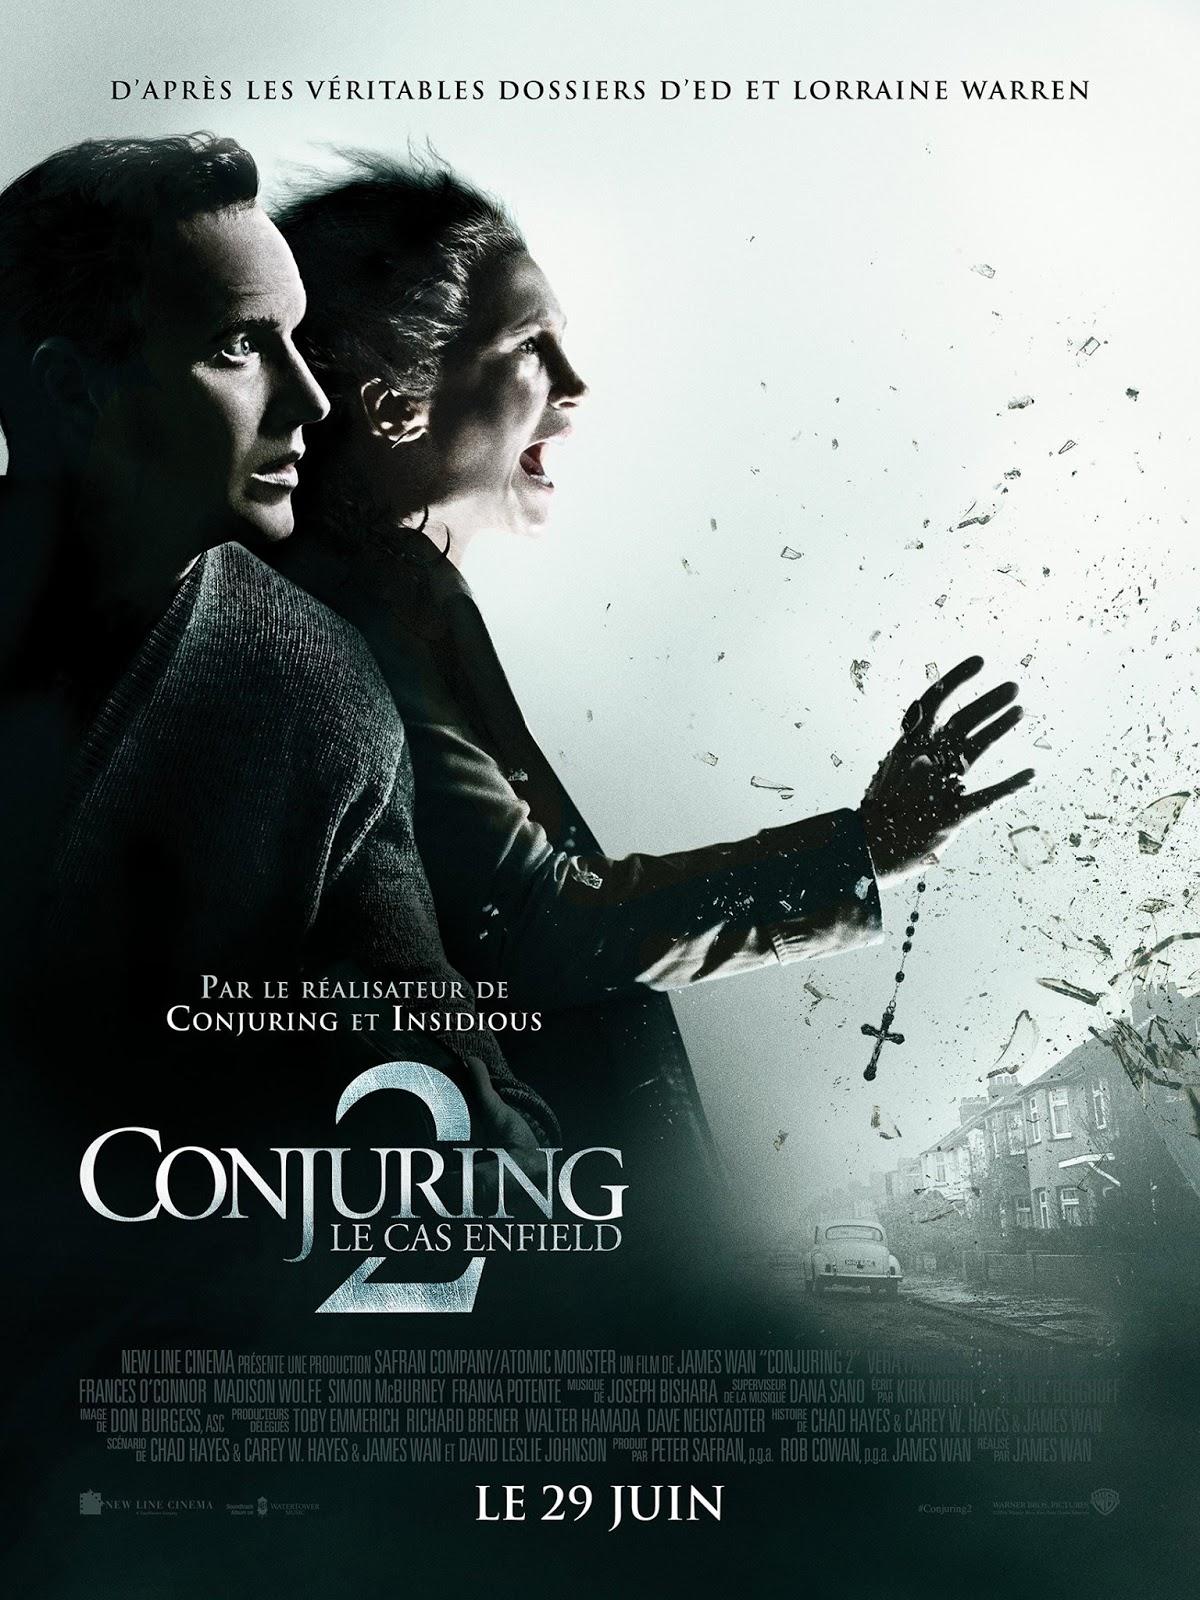 El Conjuro 2 (2016) [DVDRip][Subtitulada] [1 Link] [MEGA]